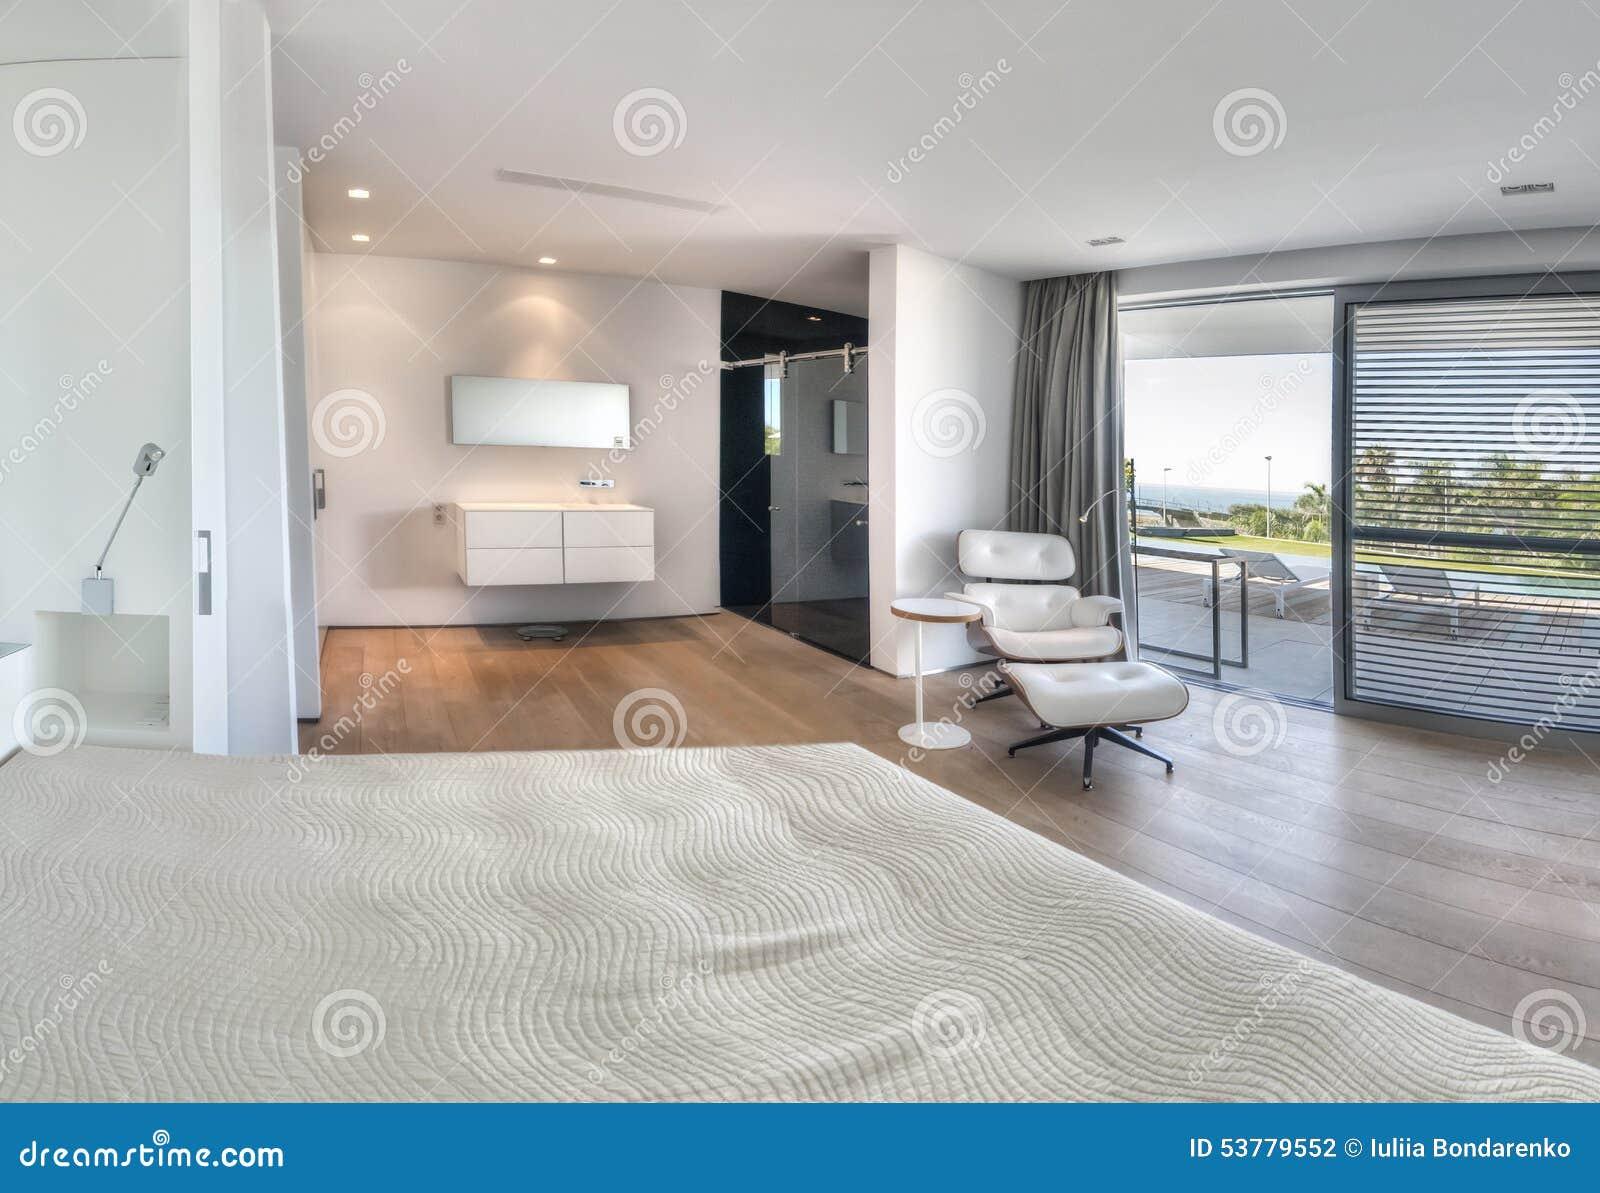 Quarto Branco Moderno Com Banheiro Foto de Stock Imagem: 53779552 #7B634F 1300x986 Banheiro Branco Moderno